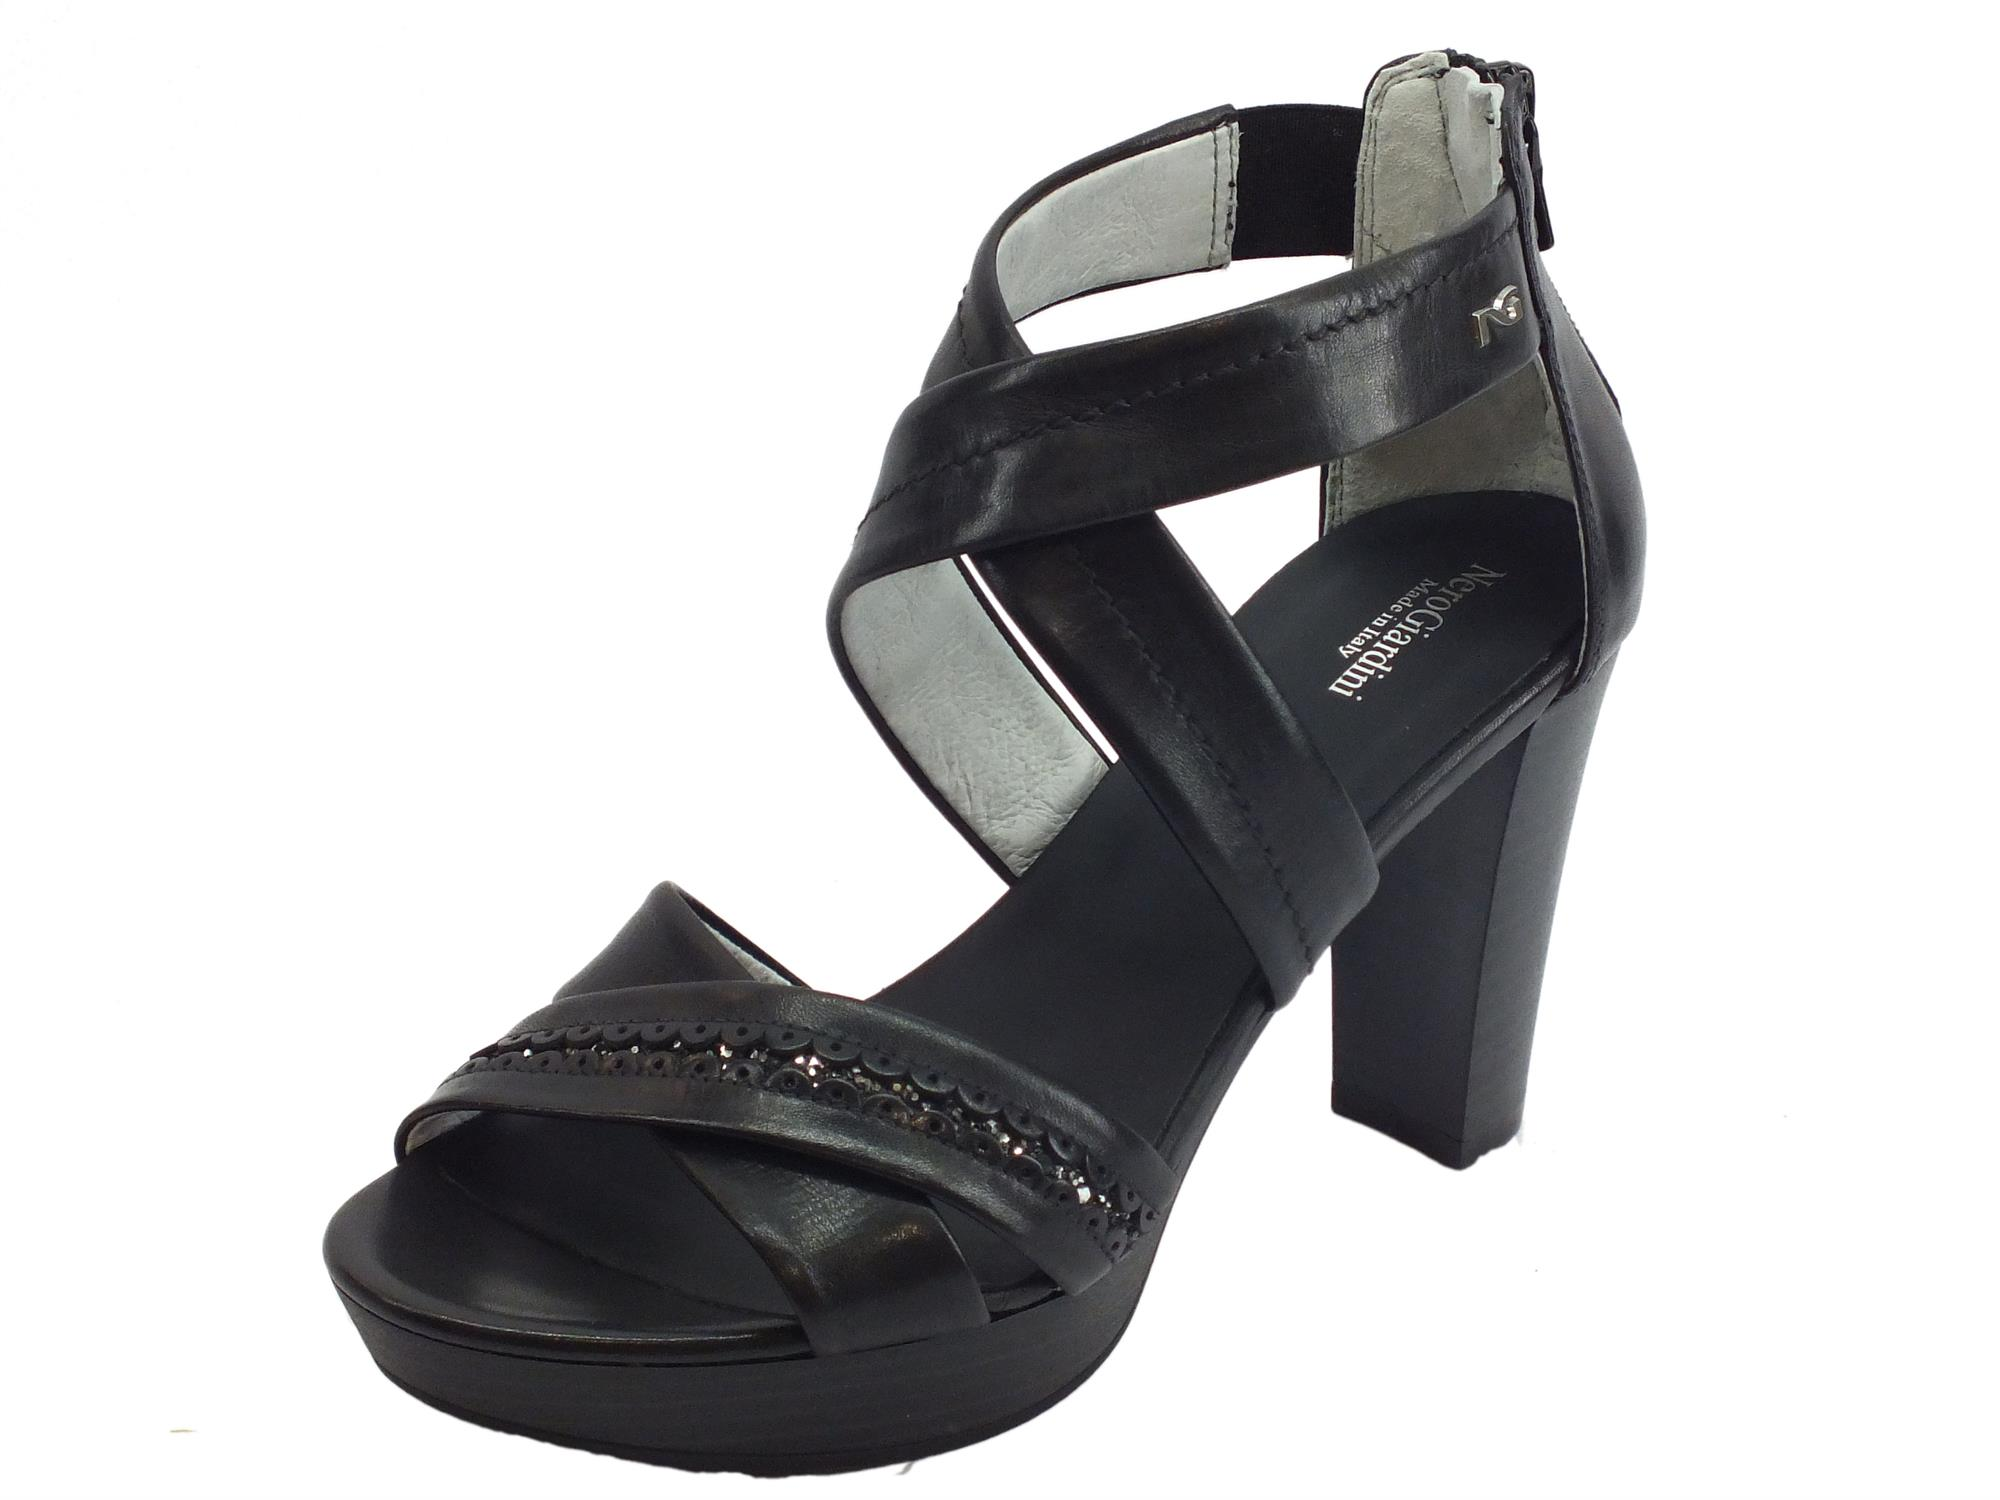 Sandali donna NeroGiardini pelle colore nero lampo - Vitiello Calzature a7e4e0a28fb